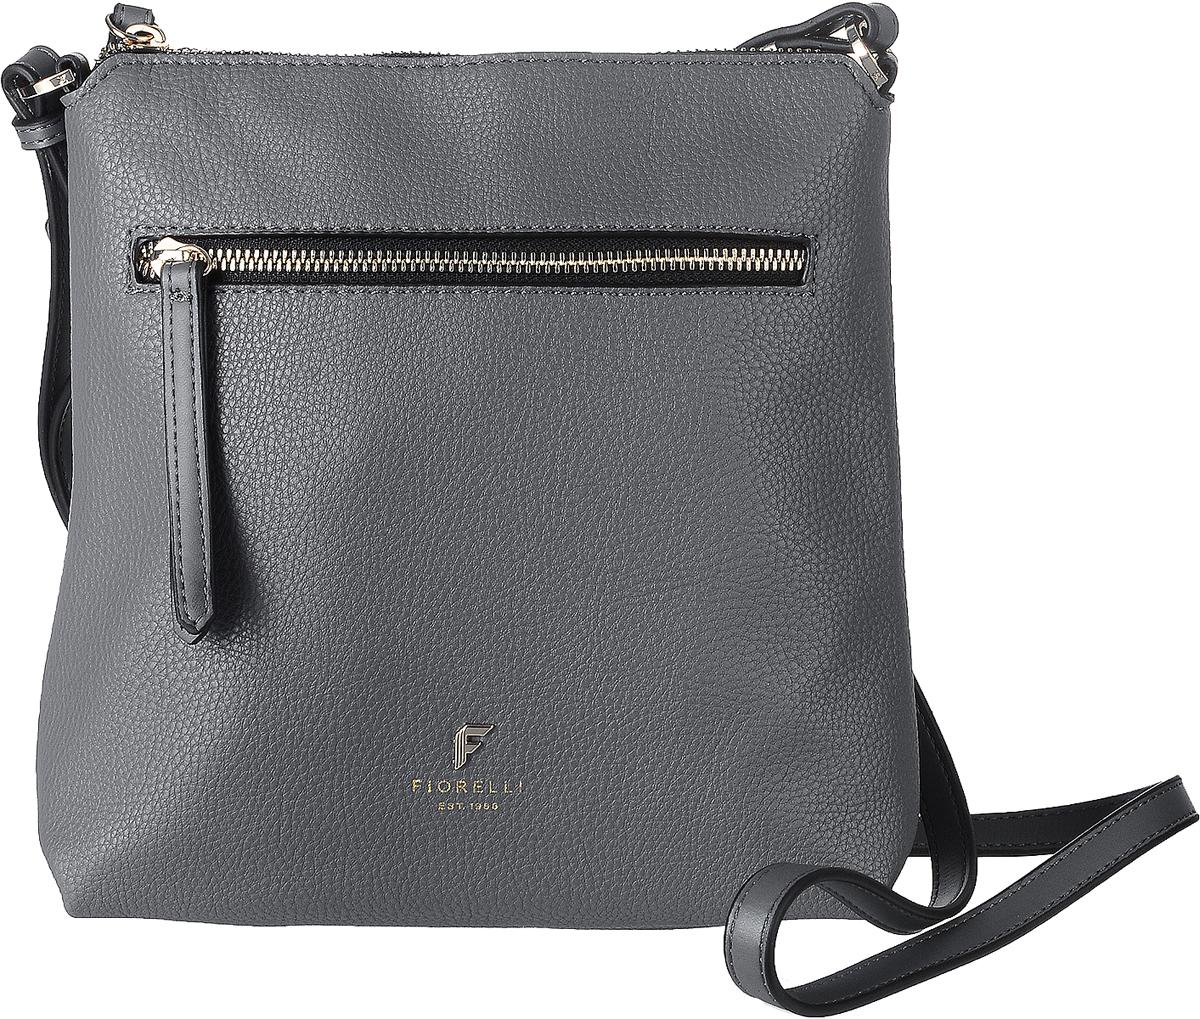 Сумка женская Fiorelli, цвет: серый. 8509 FH71069с-2Стильная сумка Fiorelli выполнена из высококачественной искусственной кожи зернистой текстуры. Изделие оформлено металлической пластинкой с логотипом бренда. На лицевой стороне расположен удобный вшитый карман на молнии. На тыльной стороне расположен открытый накладной карман. Сумка оснащена плечевым ремнем, длина которого регулируется с помощью пряжки. Изделие закрывается на застежку-молнию. Внутри расположено главное отделение, которое содержит один открытый накладной карман и фирменную нашивку.